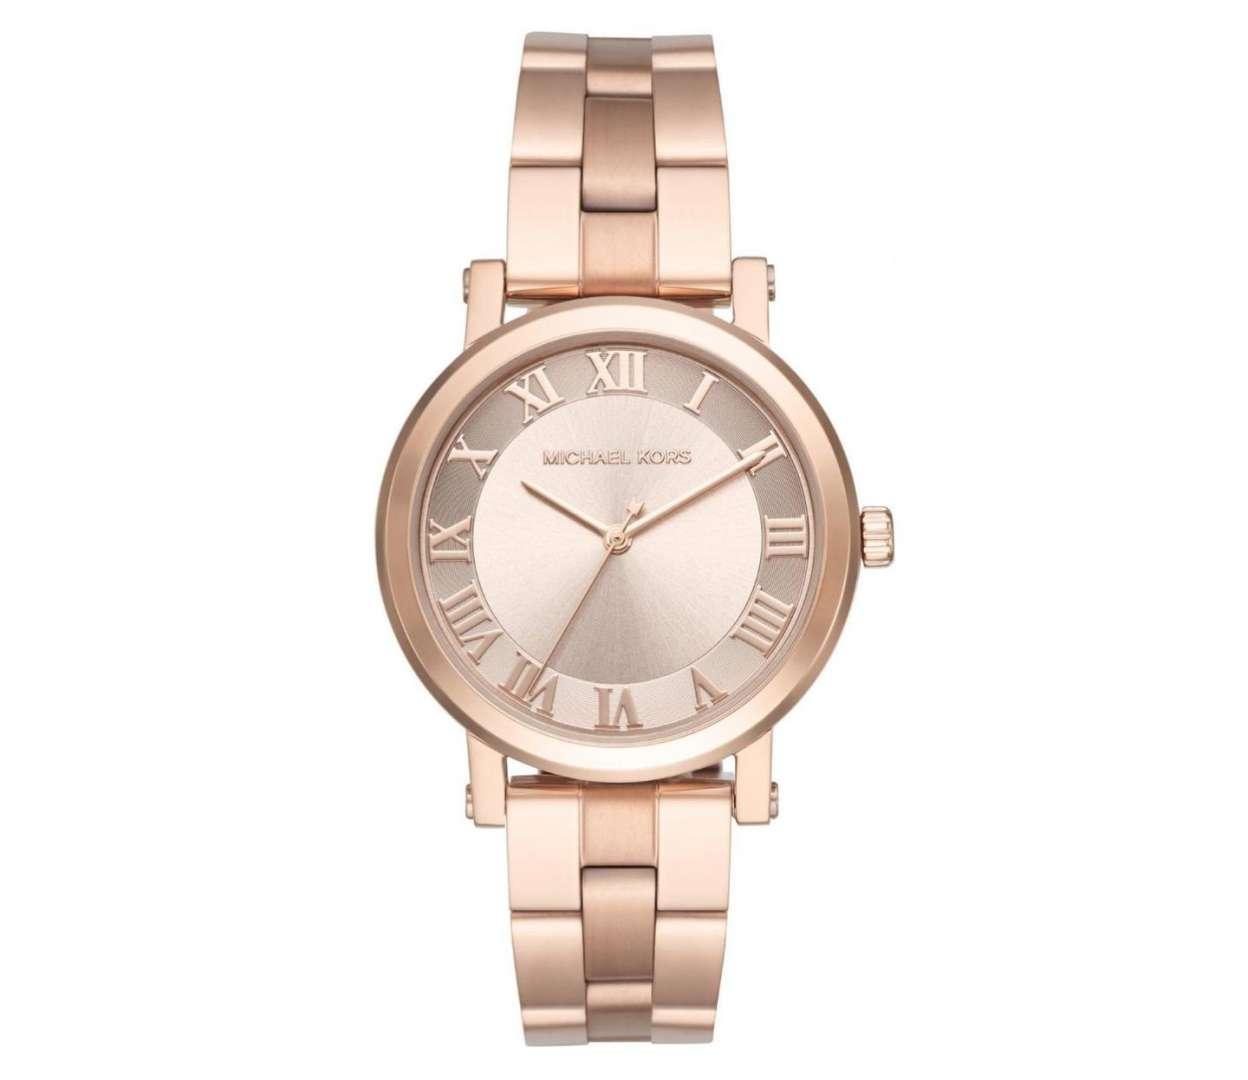 שעון יד אנלוגי לאישה michael kors mk3561 מייקל קורס